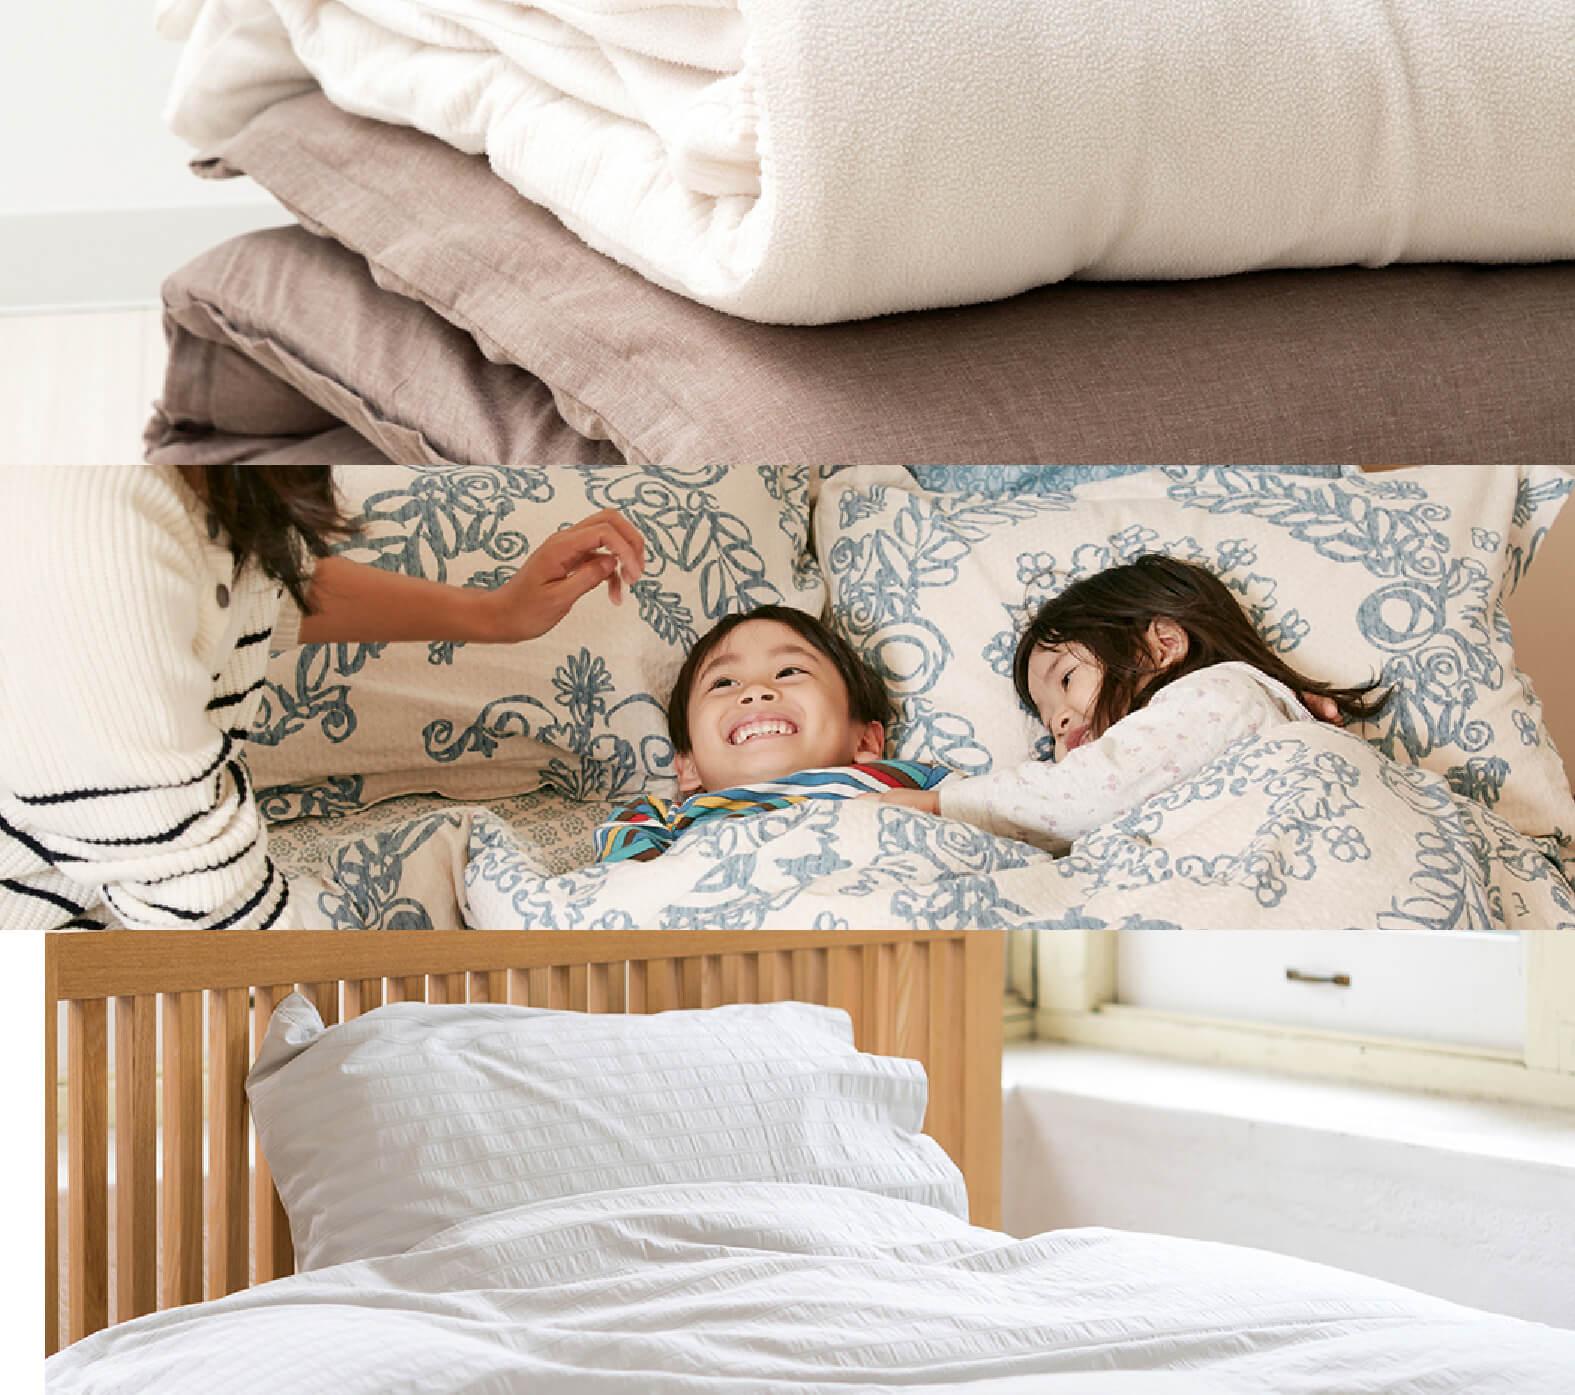 良い睡眠は、快適な布団から。布団のクリーニングと布団リフォームのことならキッズぽけっとにお任せください。